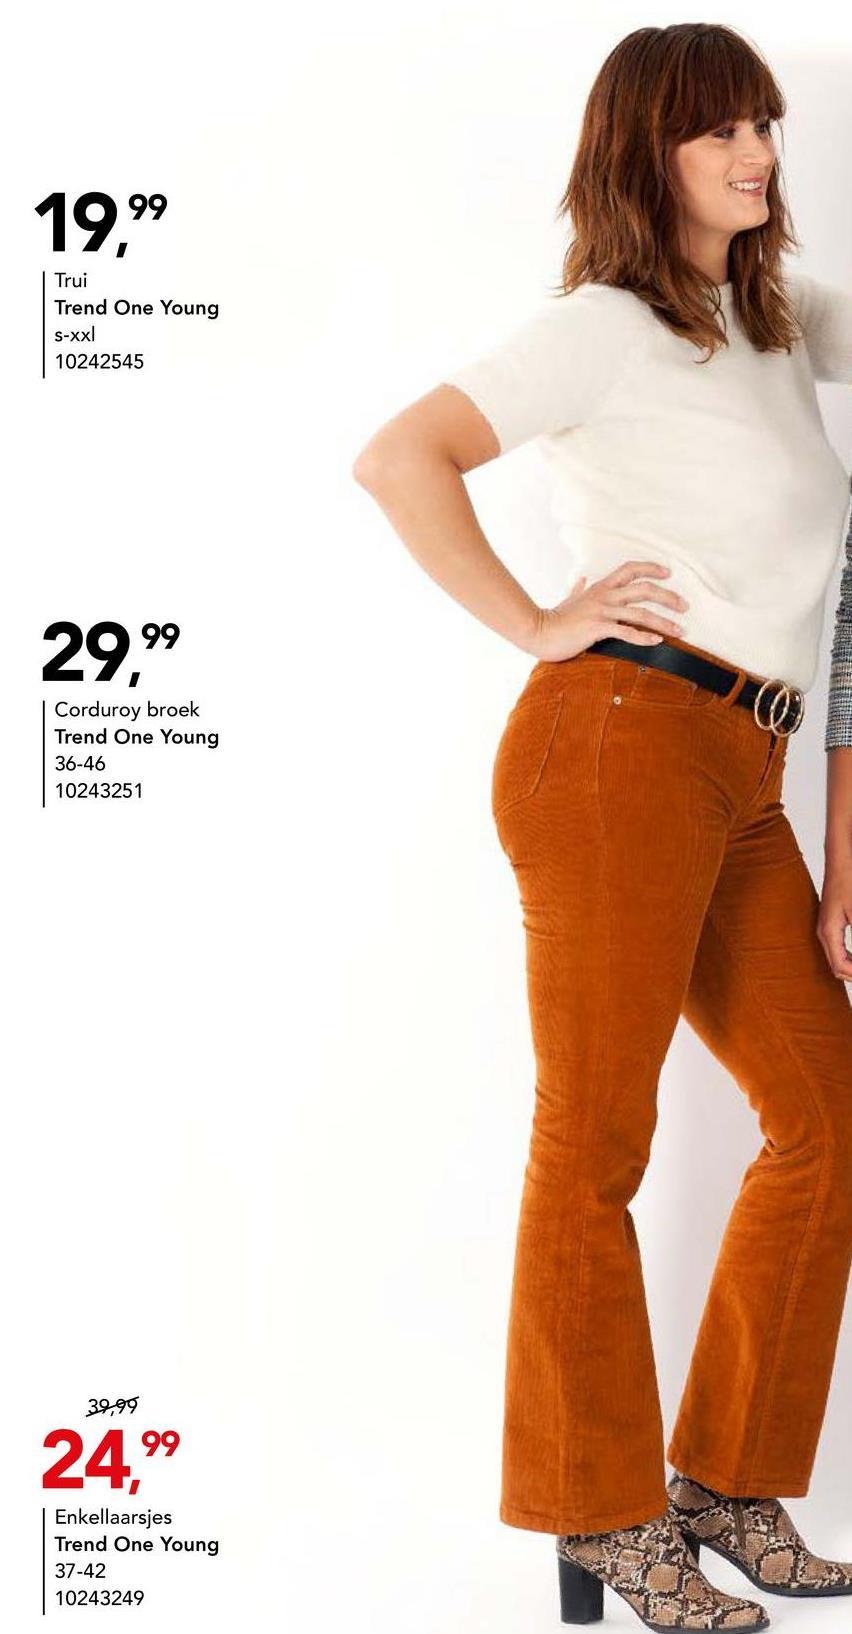 Trui Trend One Young - Camel Trendy trui met ronde hals en korte mouwen van het merk Trend One Young voor vrouwen. Deze trui kan je met talloze outfits combineren.